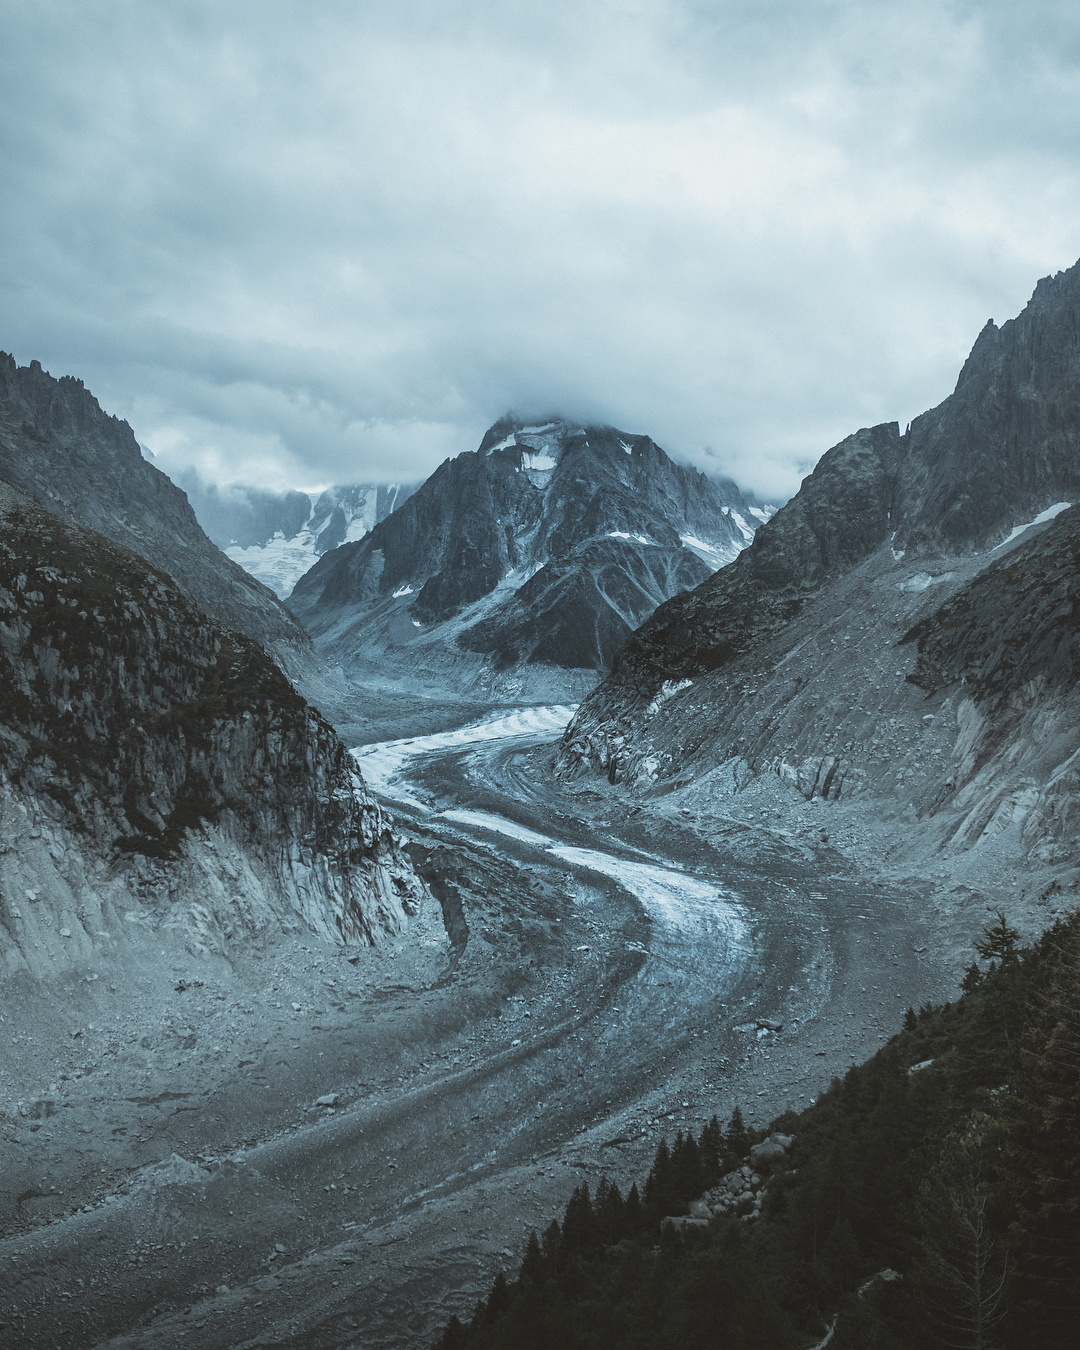 Захватывающие путешествия и приключения на фото Тома Калера (25 фото)